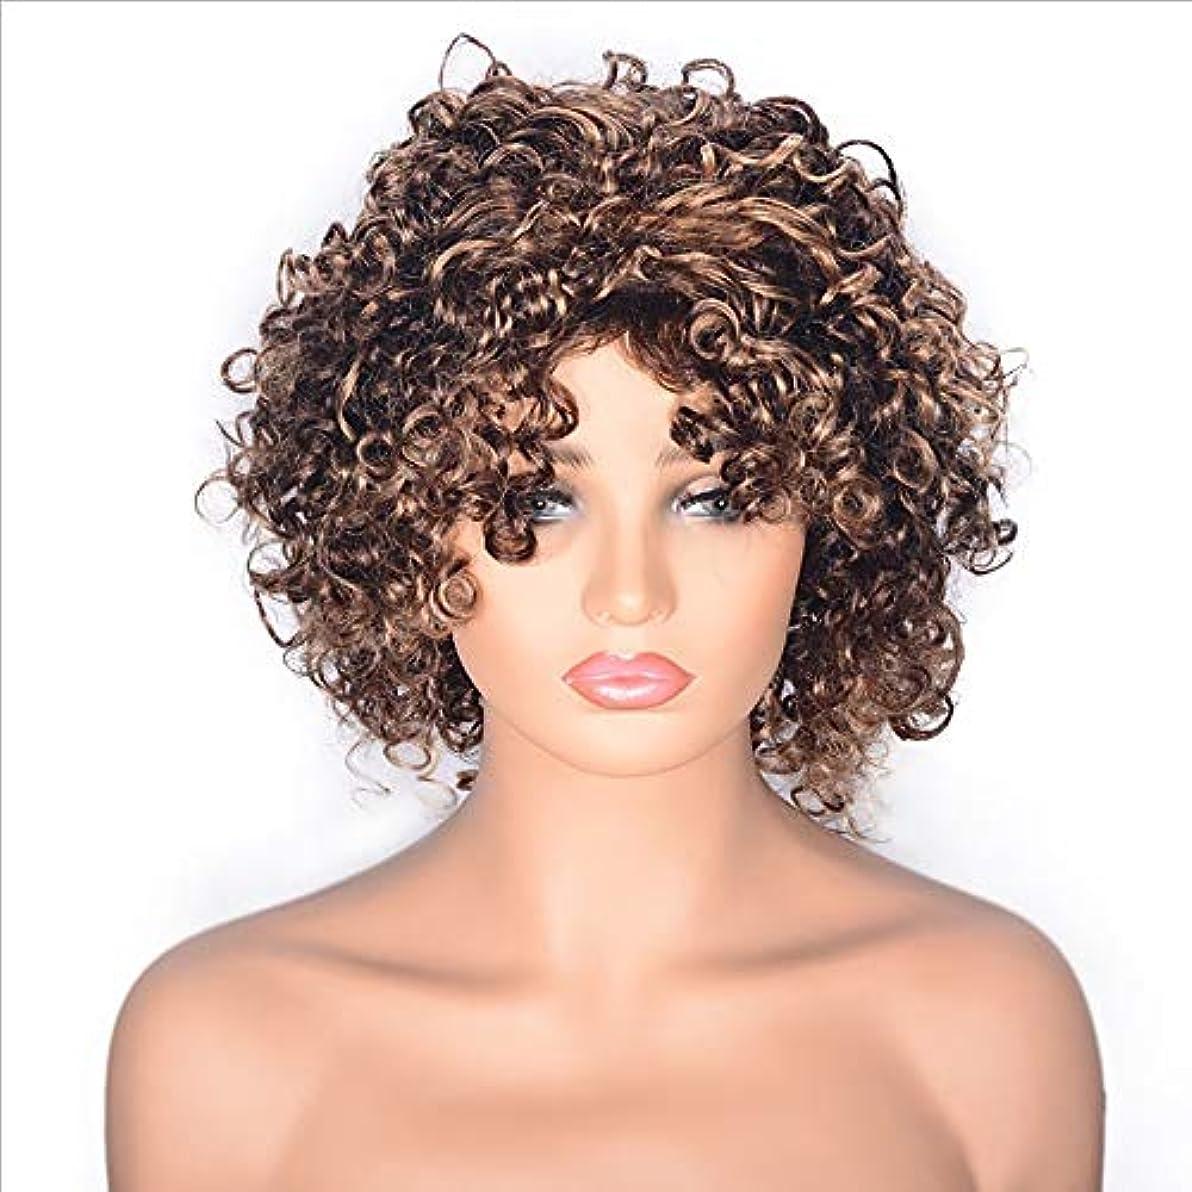 センチメンタル職人実験YOUQIU 虎門髪ショートカーリーウィッグブロンドとブラウンオンブルウィッグ耐熱性繊維のウィッグと黒人女性アフロ変態ウィッグ用レースフロントウィッグ (色 : ブラウン, サイズ : 12